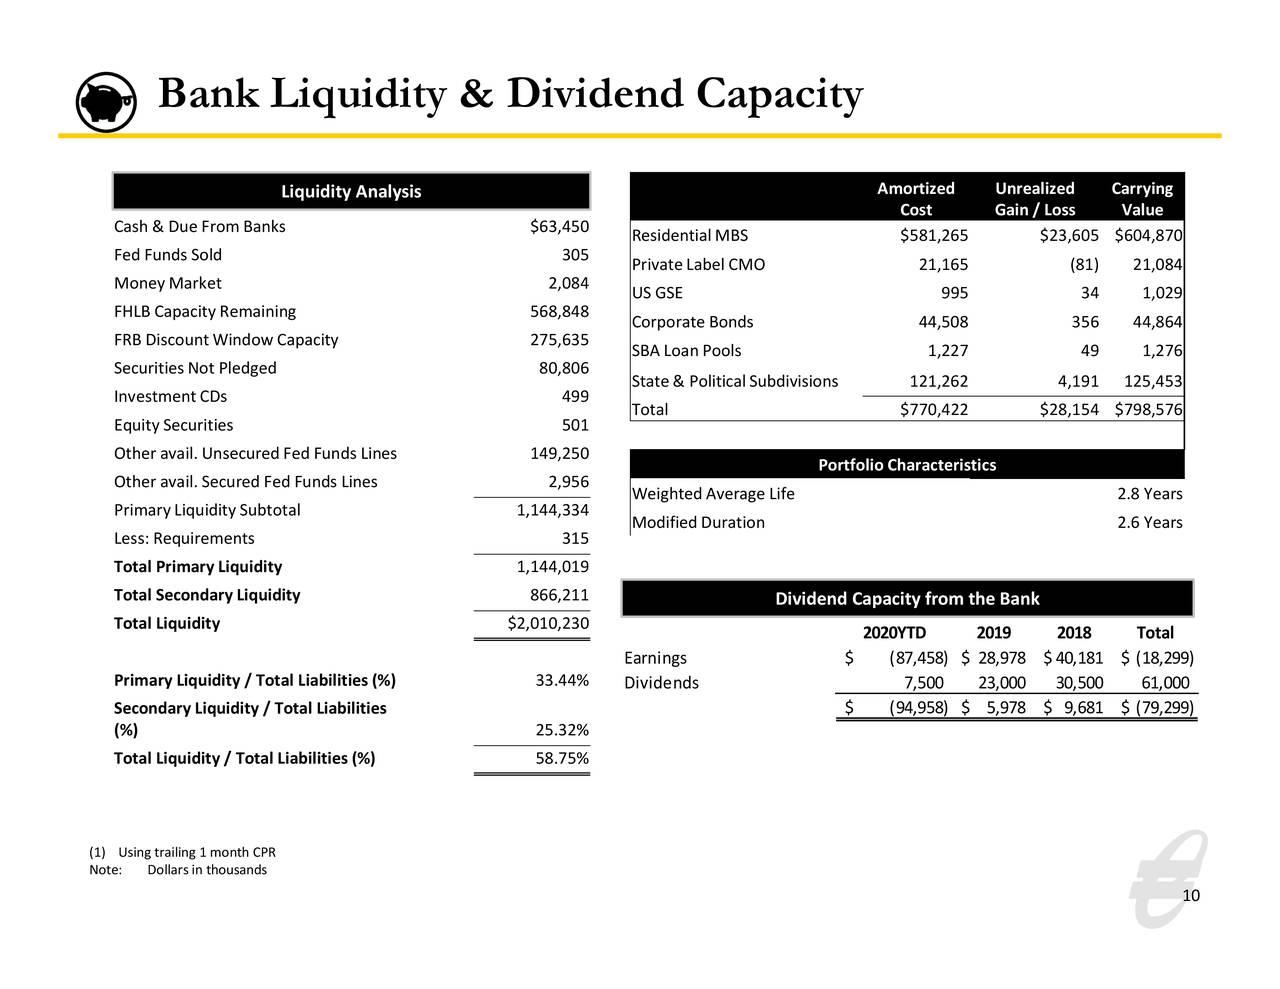 Liquidez bancaria y capacidad de dividendos